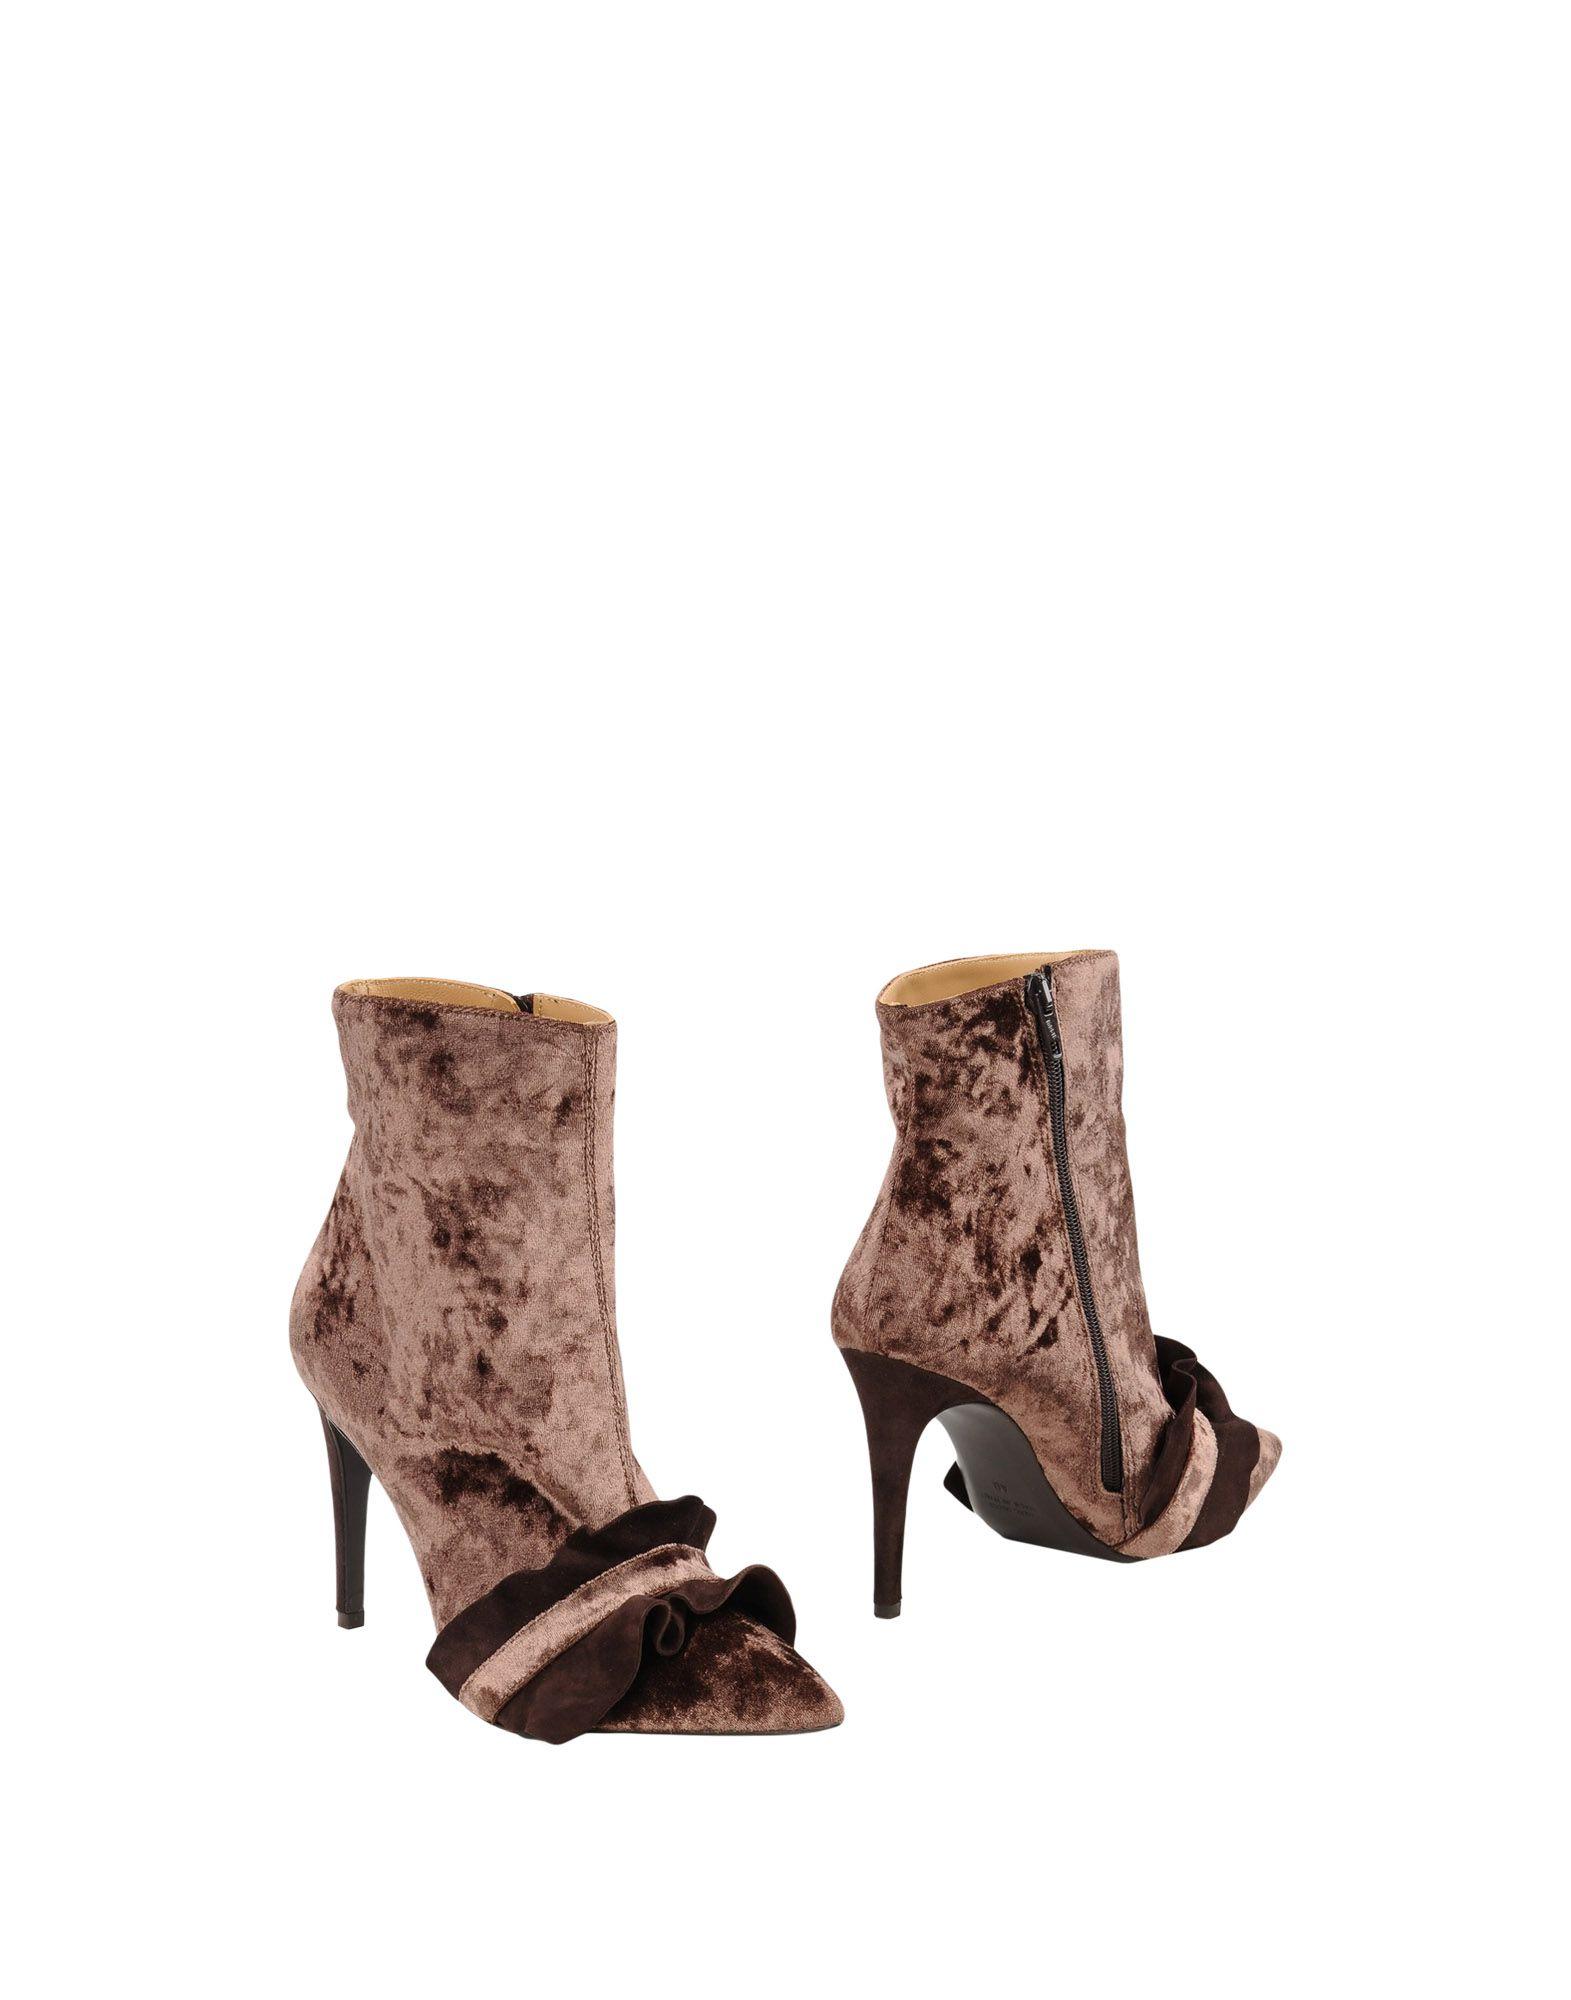 8 Полусапоги и высокие ботинки полусапоги sandm 8 марта женщинам